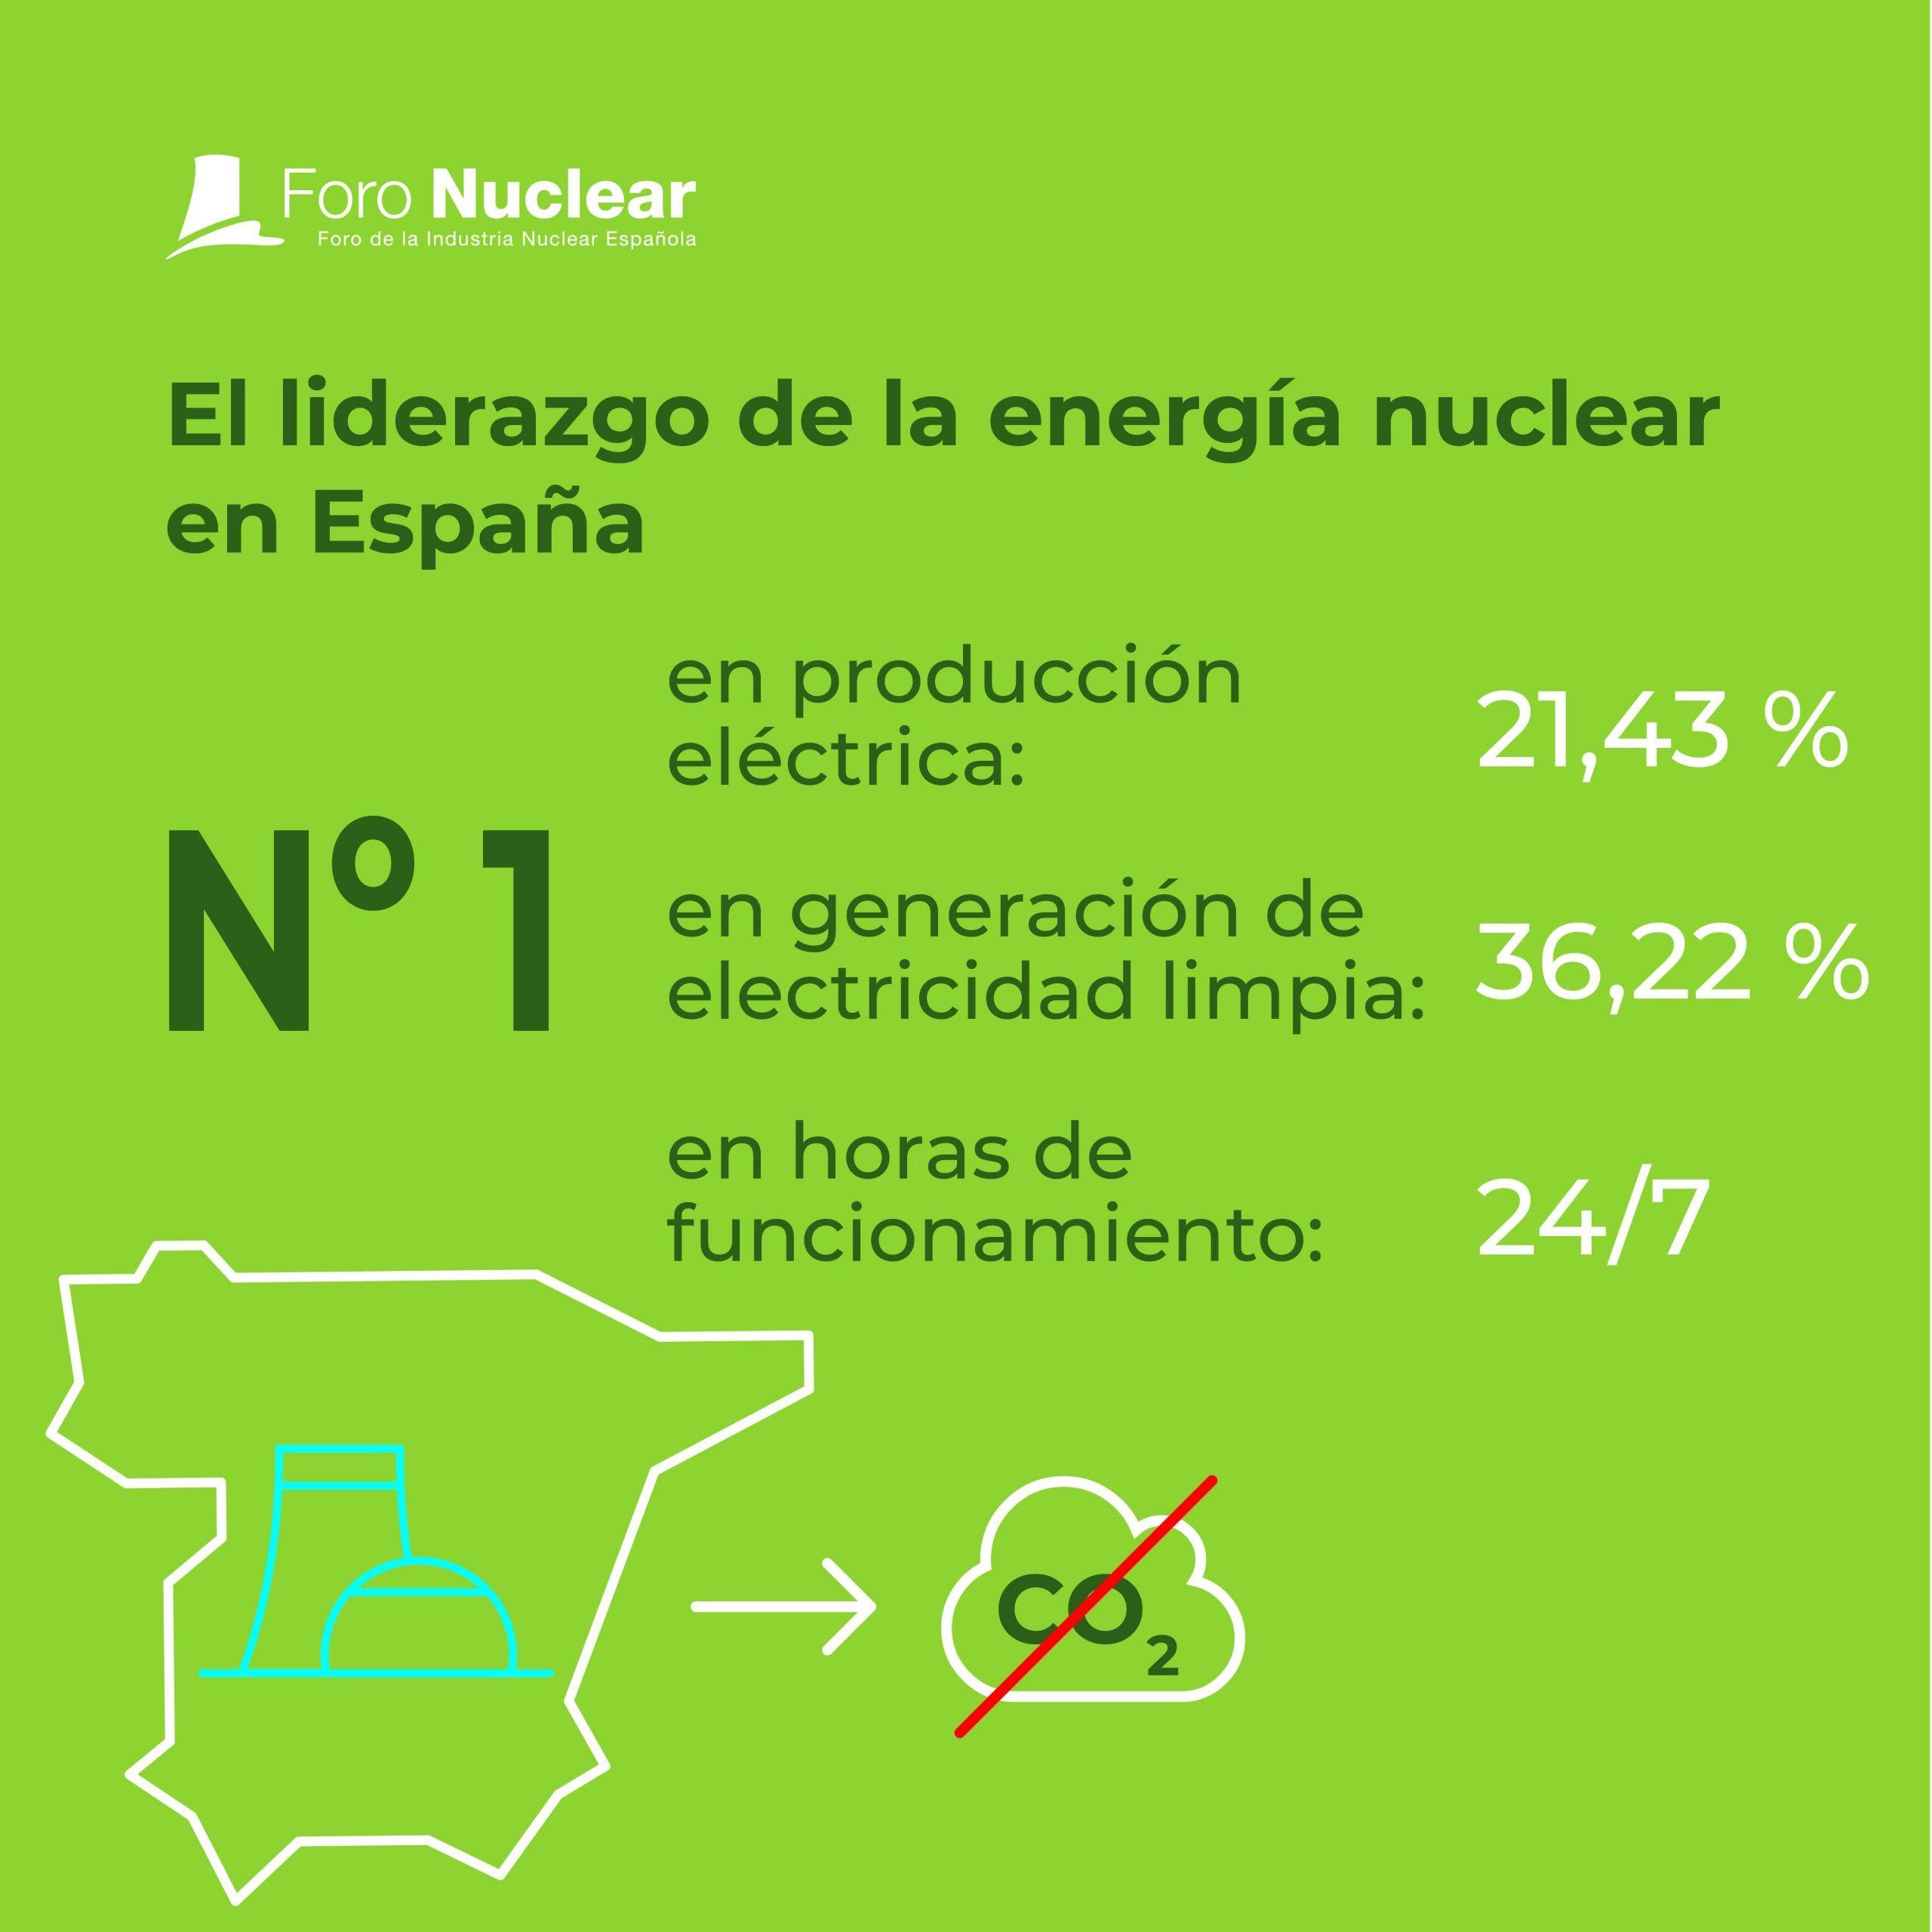 El liderazgo de la energía nuclear en España